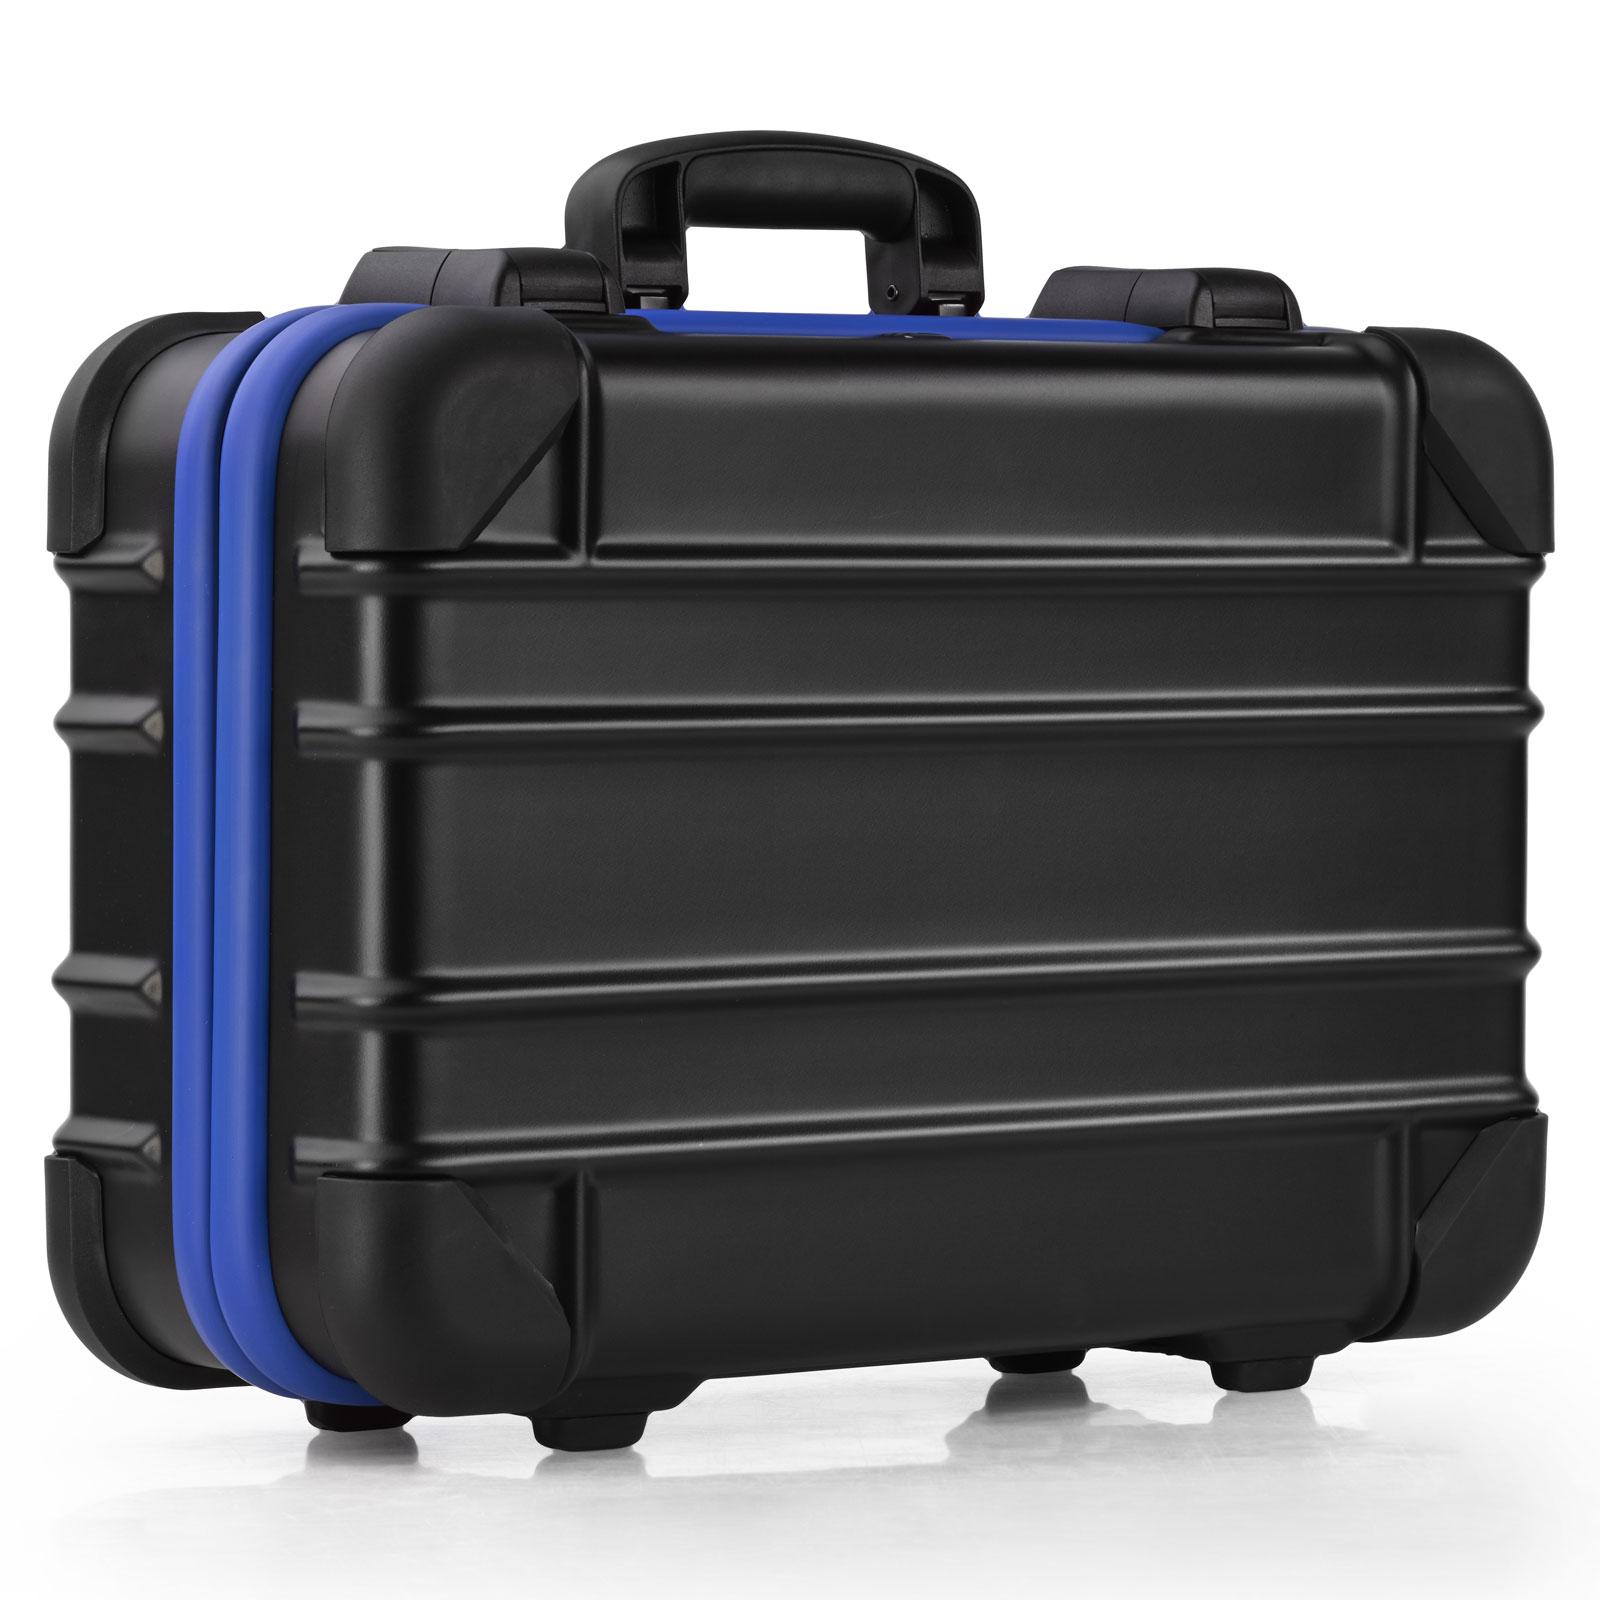 bwh koffer guardian case transportkoffer typ 2 g nstig kaufen koffermarkt. Black Bedroom Furniture Sets. Home Design Ideas